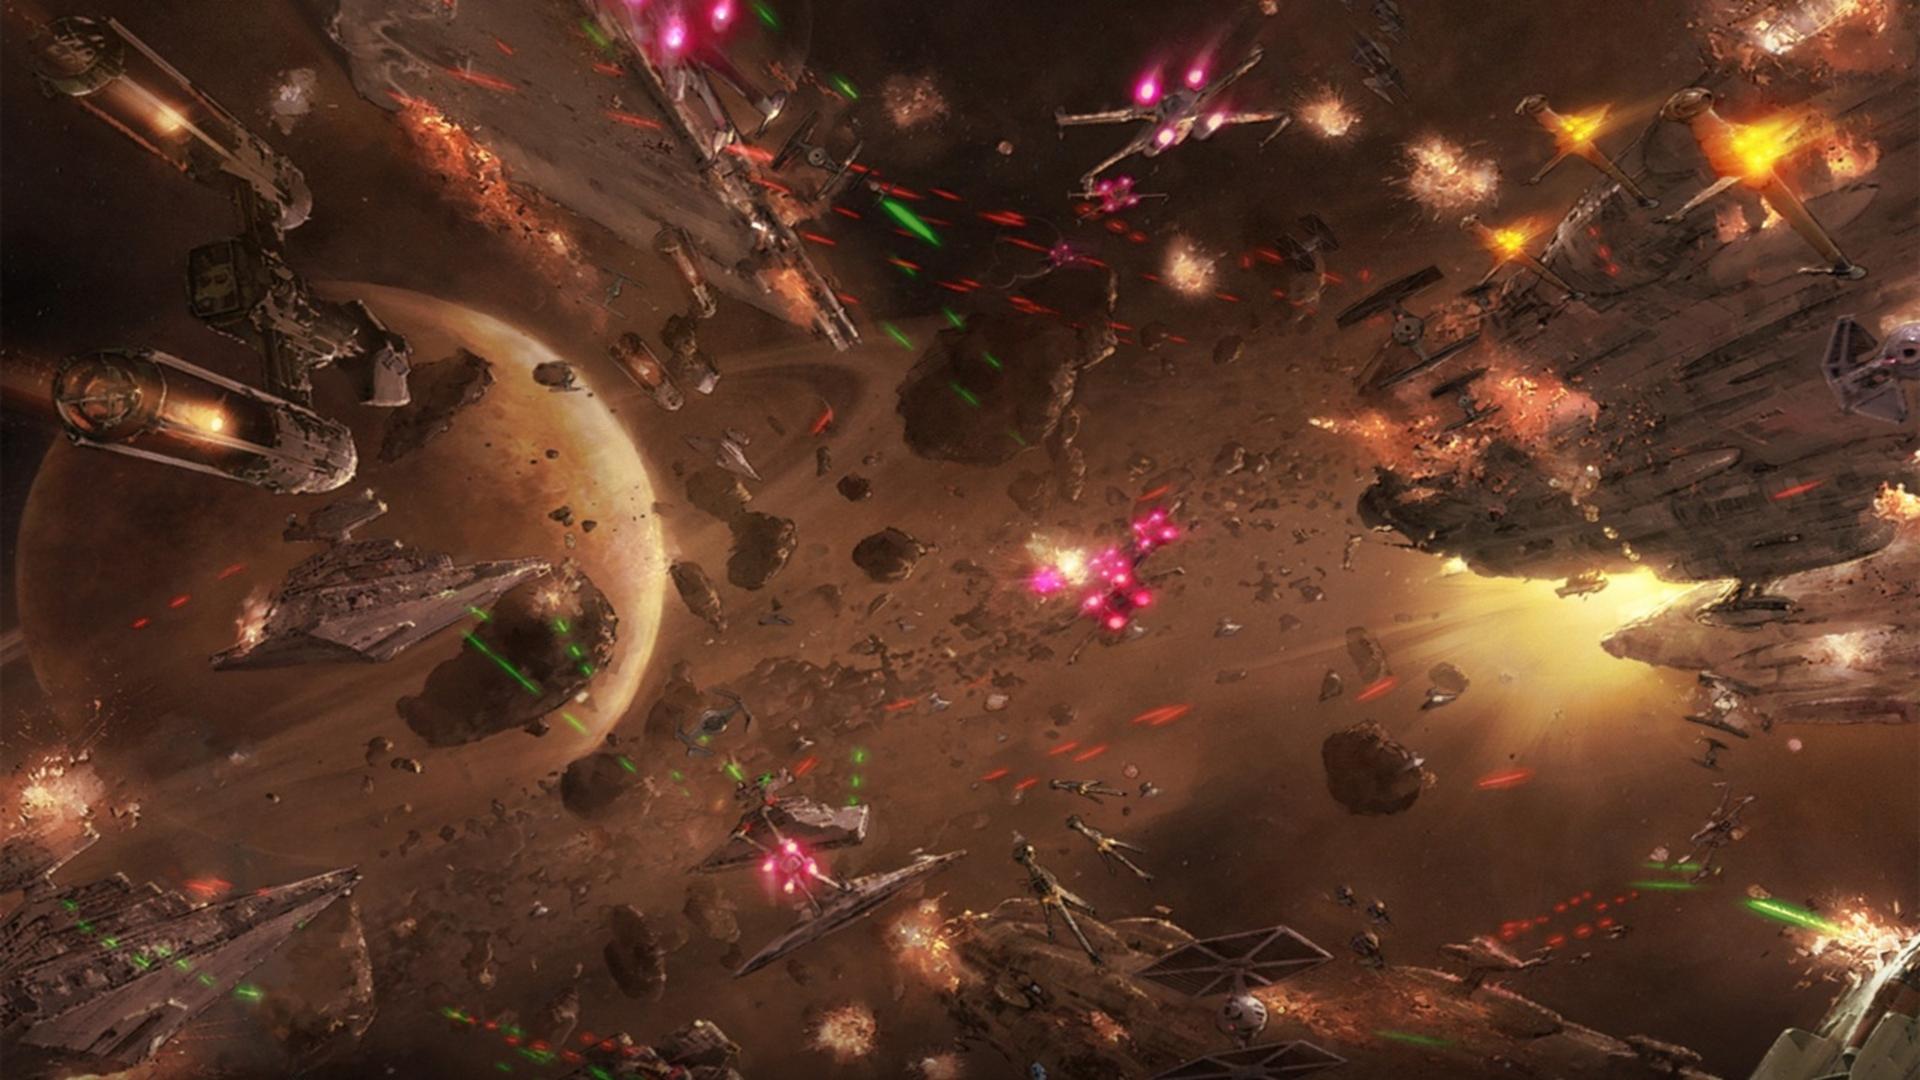 Star Wars Space Battle HD Wallpaper 1920x1080 ID56389 1920x1080